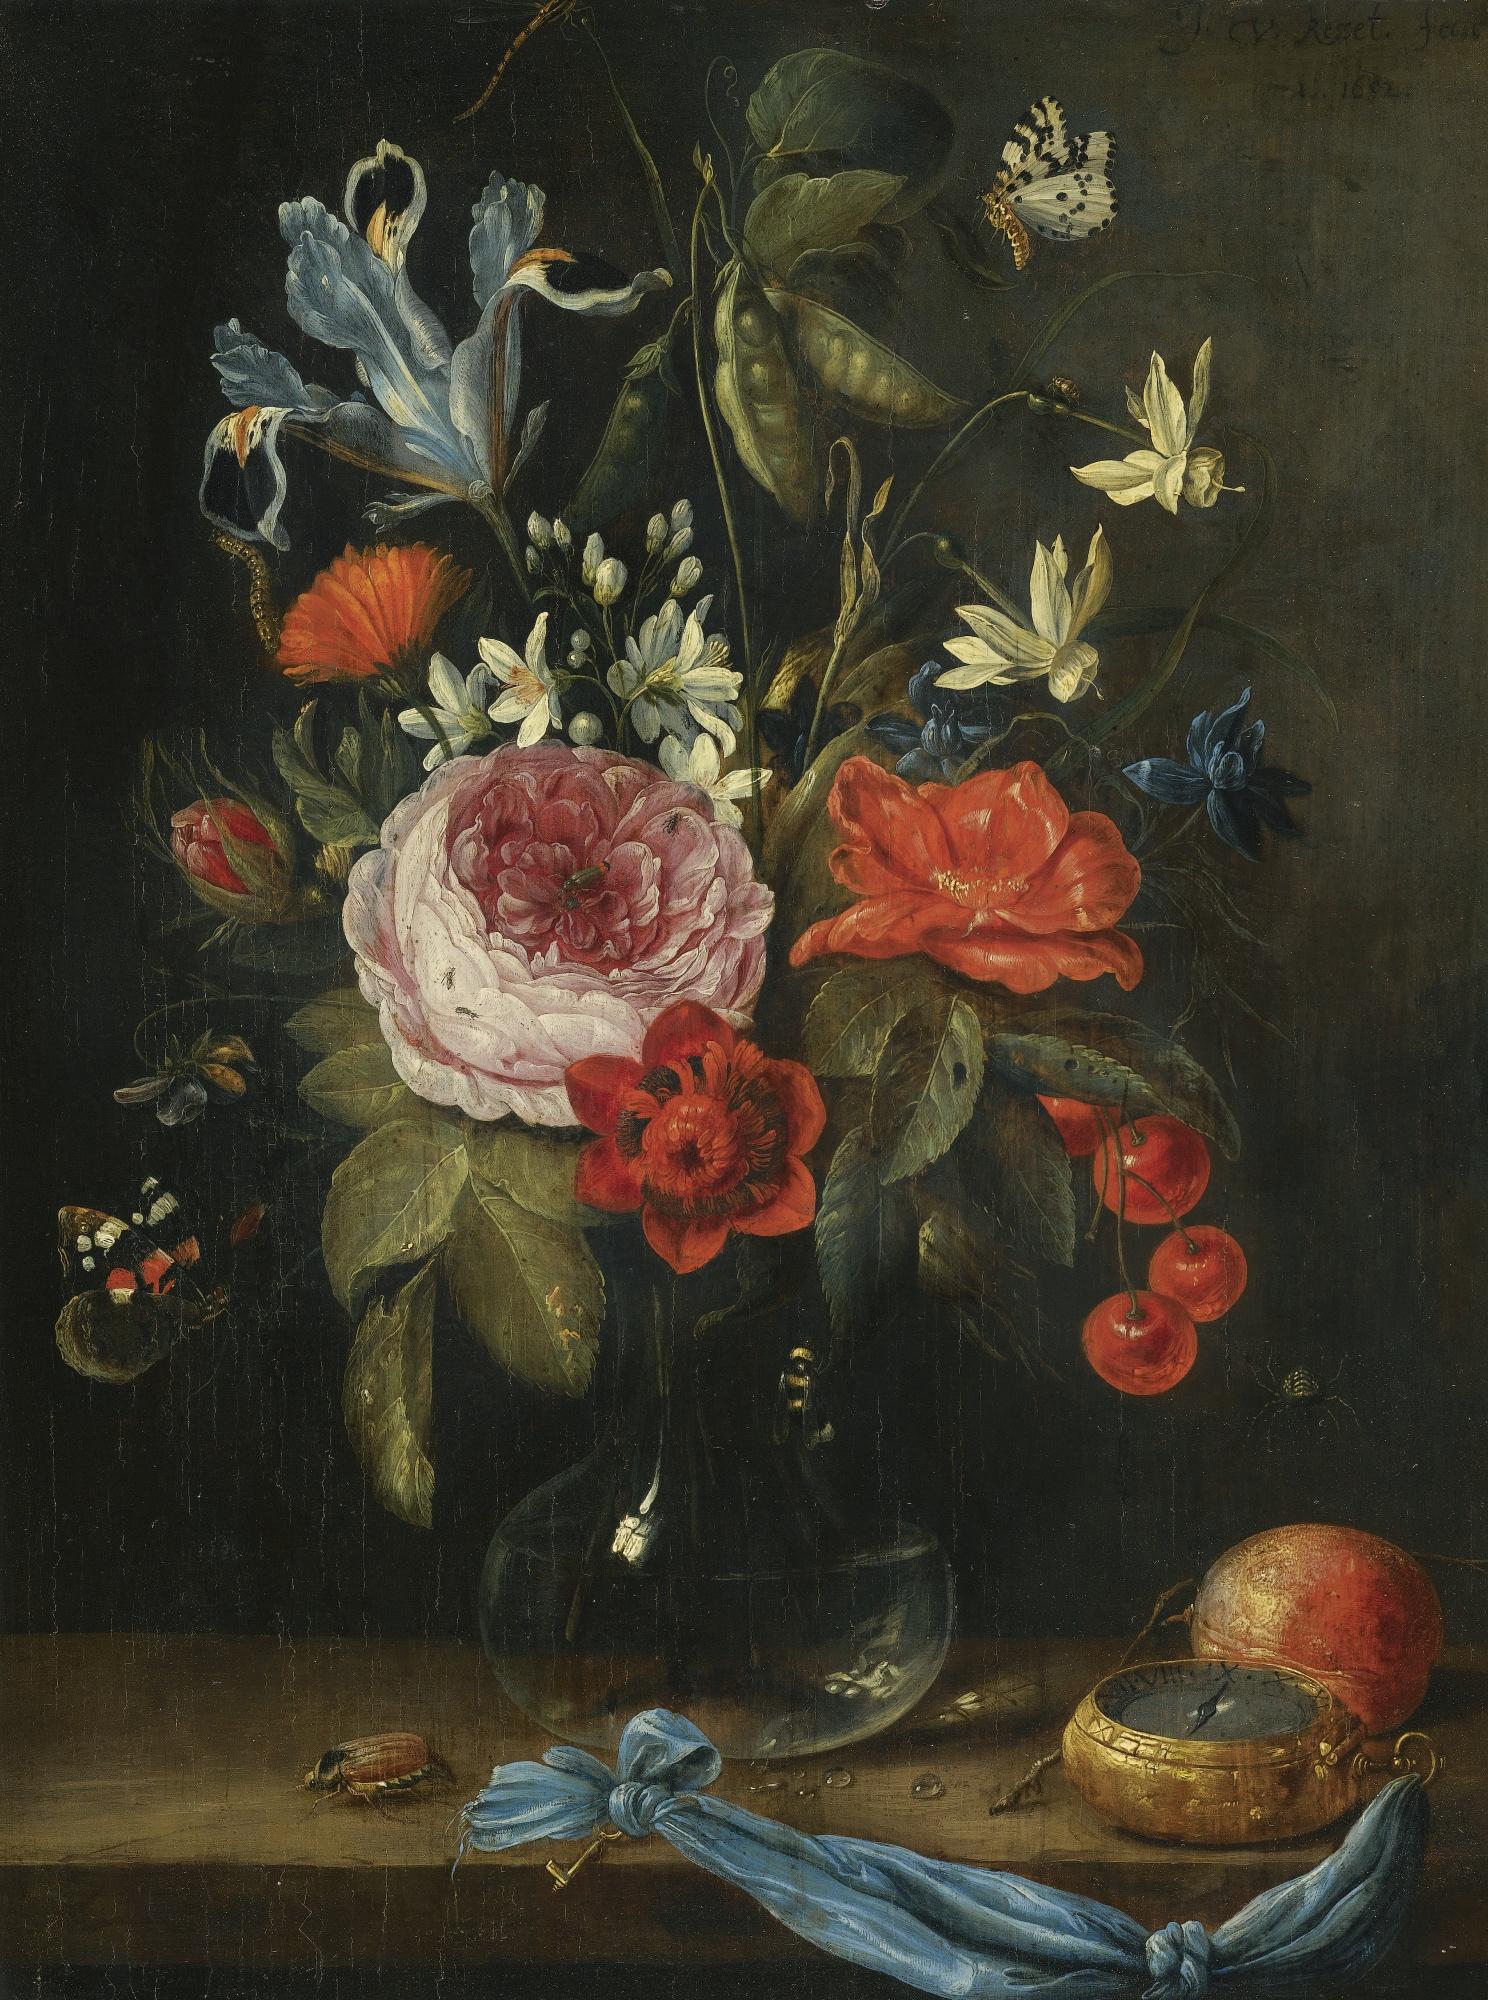 https://upload.wikimedia.org/wikipedia/commons/a/ab/Jan_van_Kessel_de_Oude_-_Stilleven_met_bloemen_in_een_glazen_vaas%2C_samen_met_een_atalanta_vlinder_etc.jpg